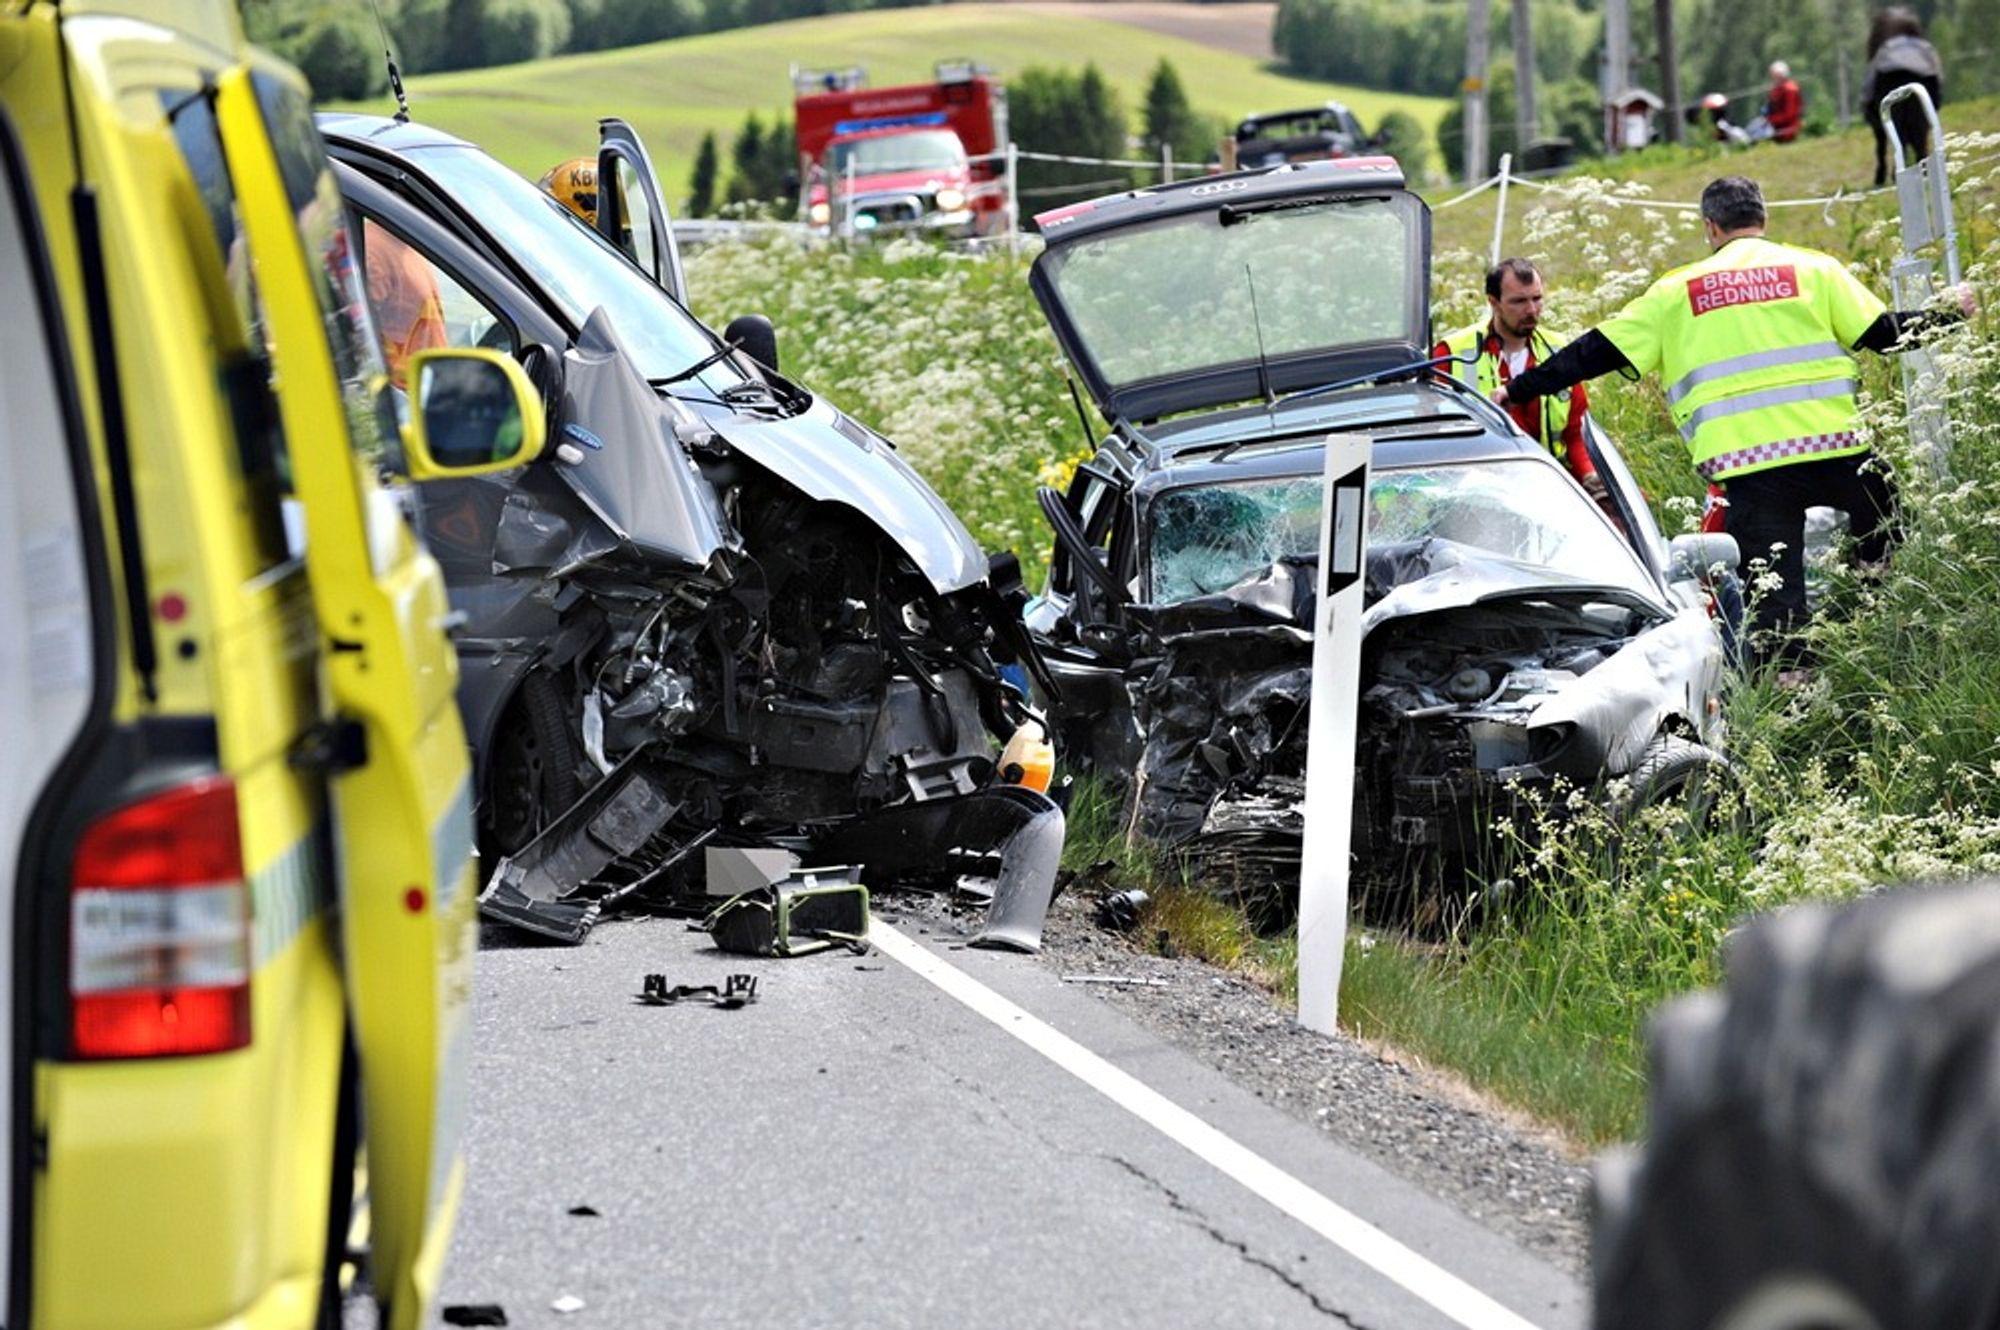 Andelen ulykker som skyldes feil på bilen har doblet seg siden 2005.